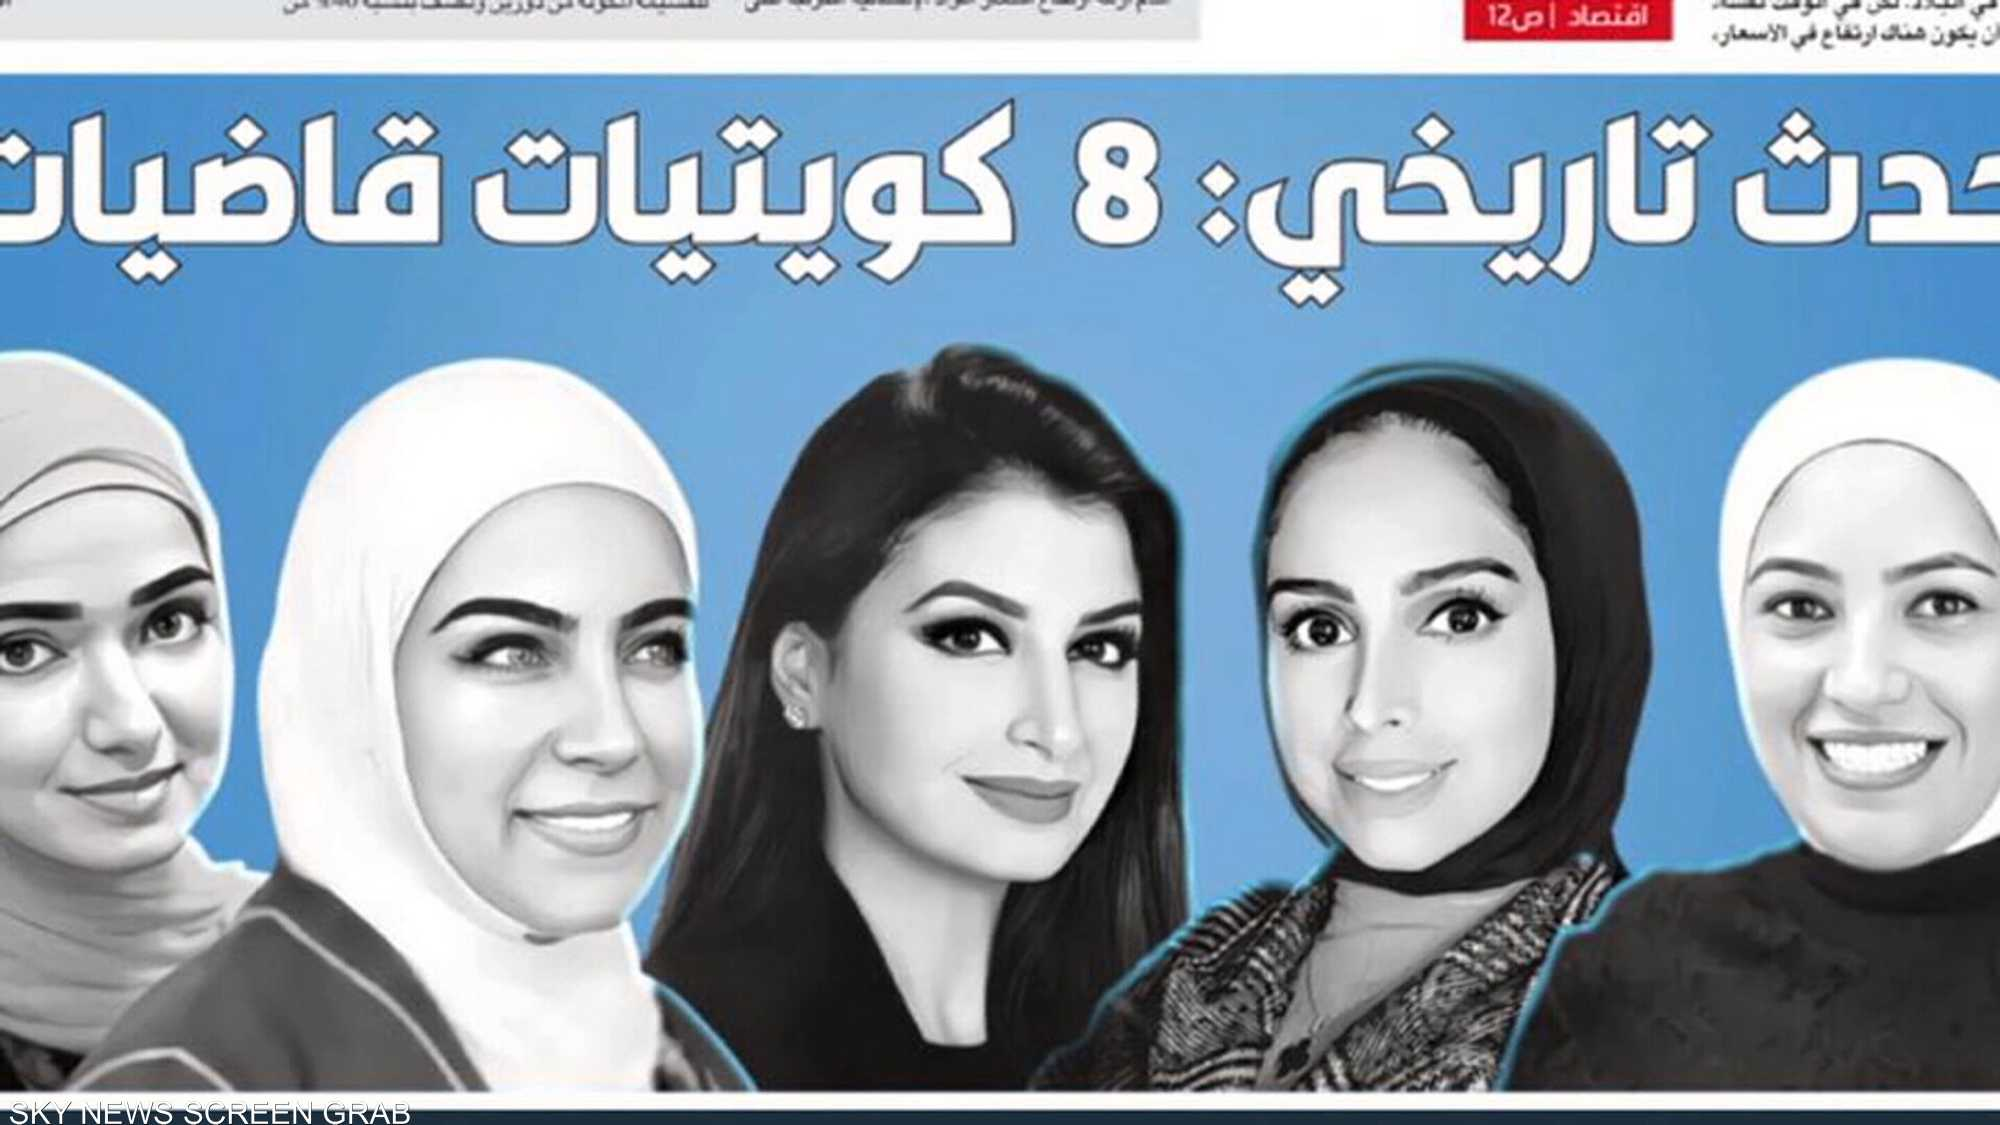 الكويت.. ترحيب بقرار تعيين المرأة في القضاء